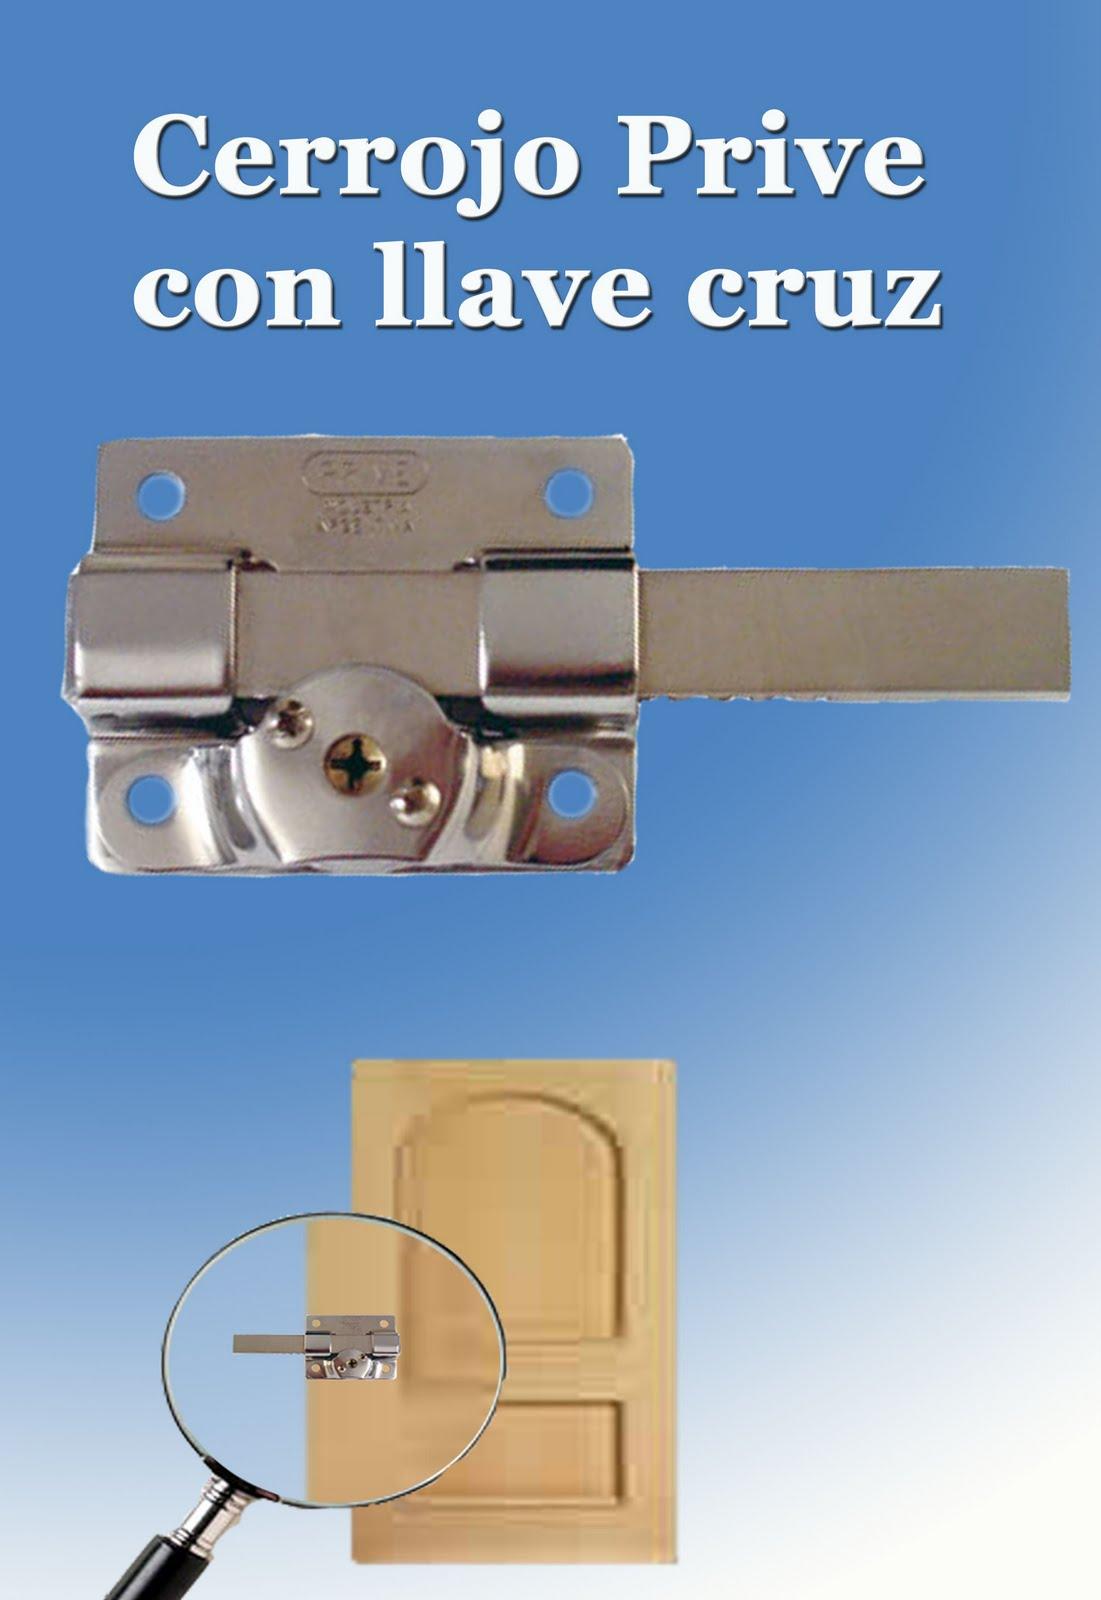 Herrajes zip cerrojo prive con llave cruz - Cerrojos con llave ...